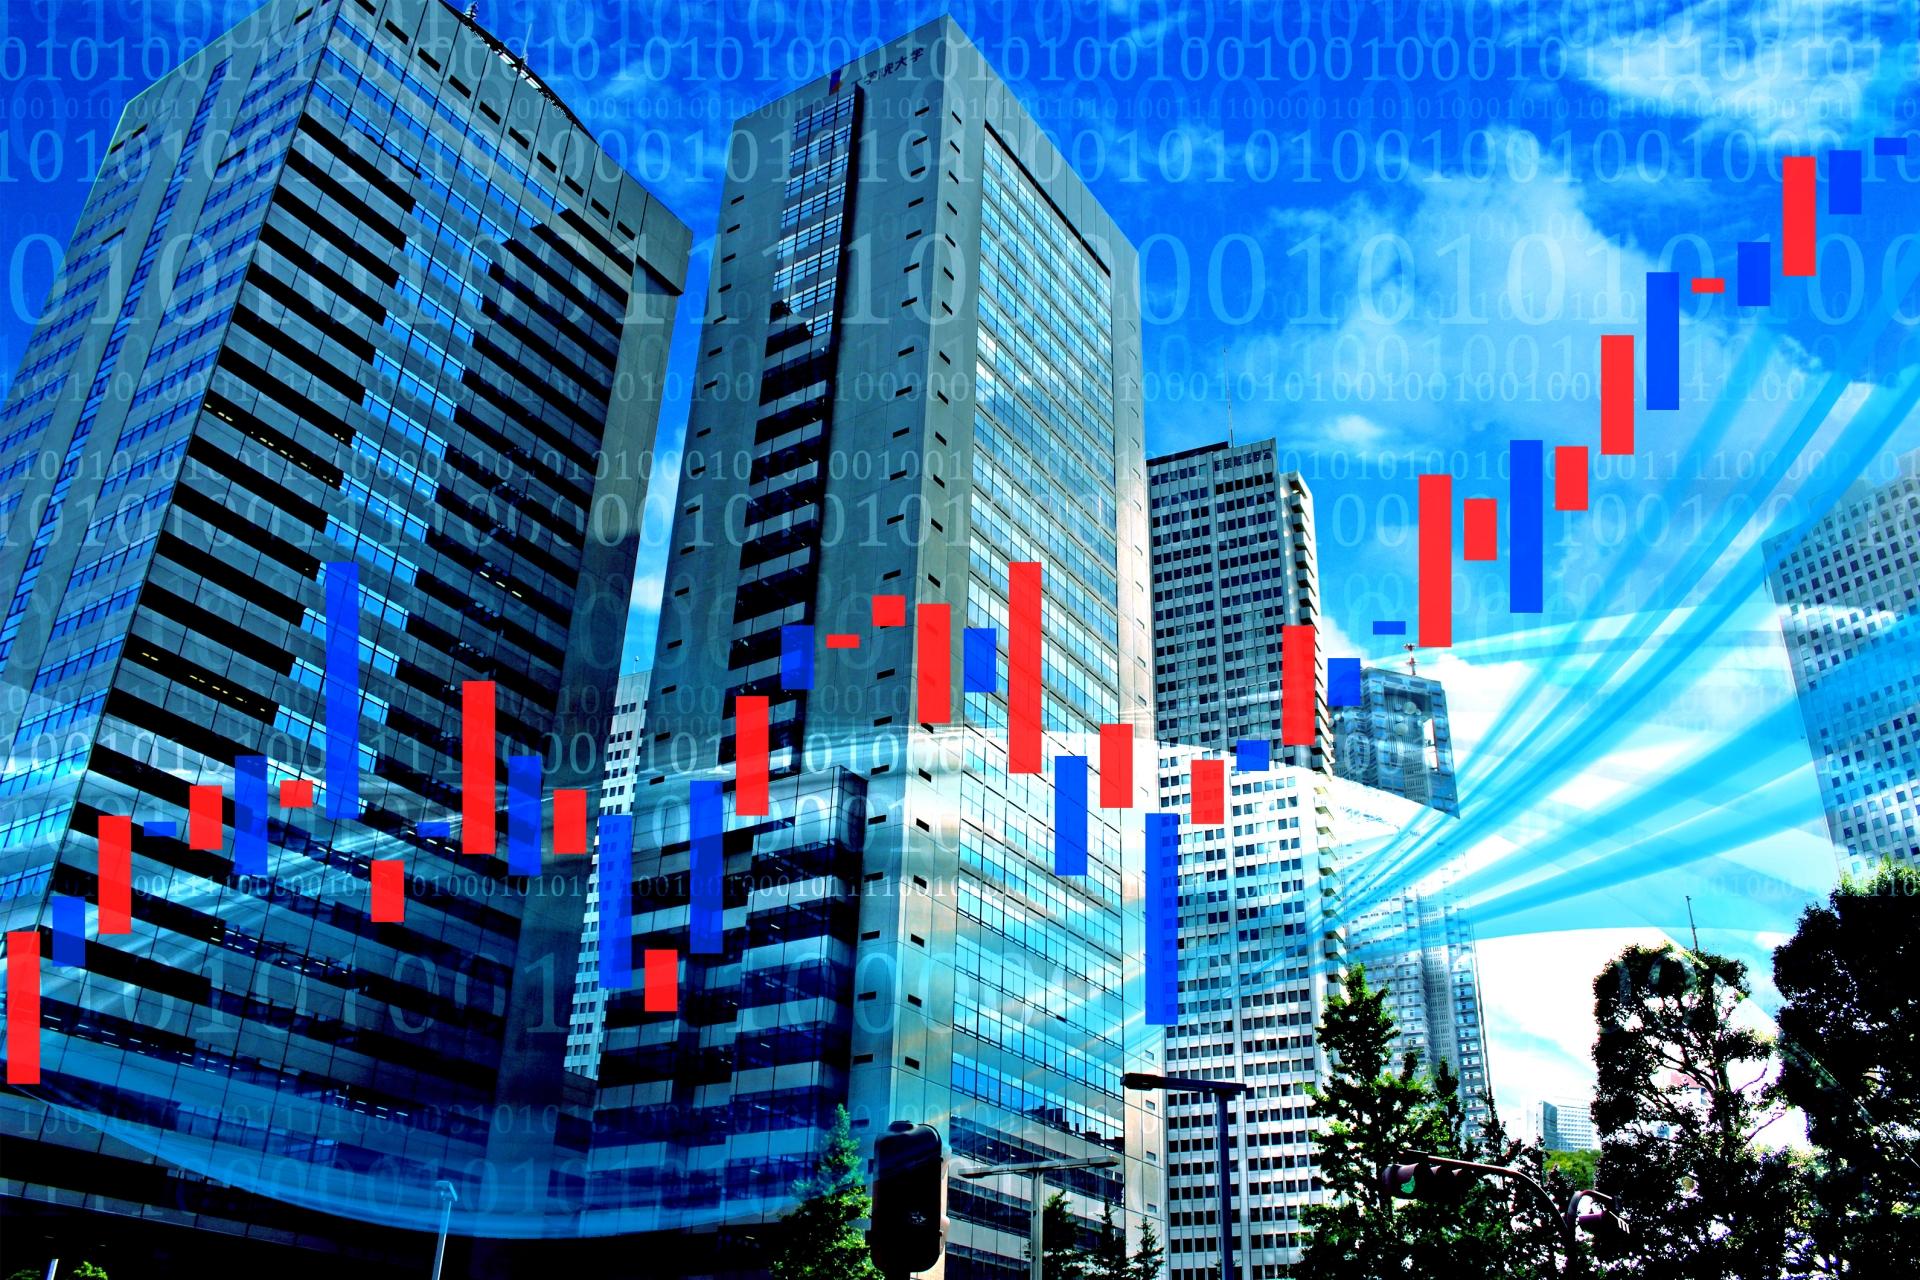 経済指標は風向きが予測できない突風